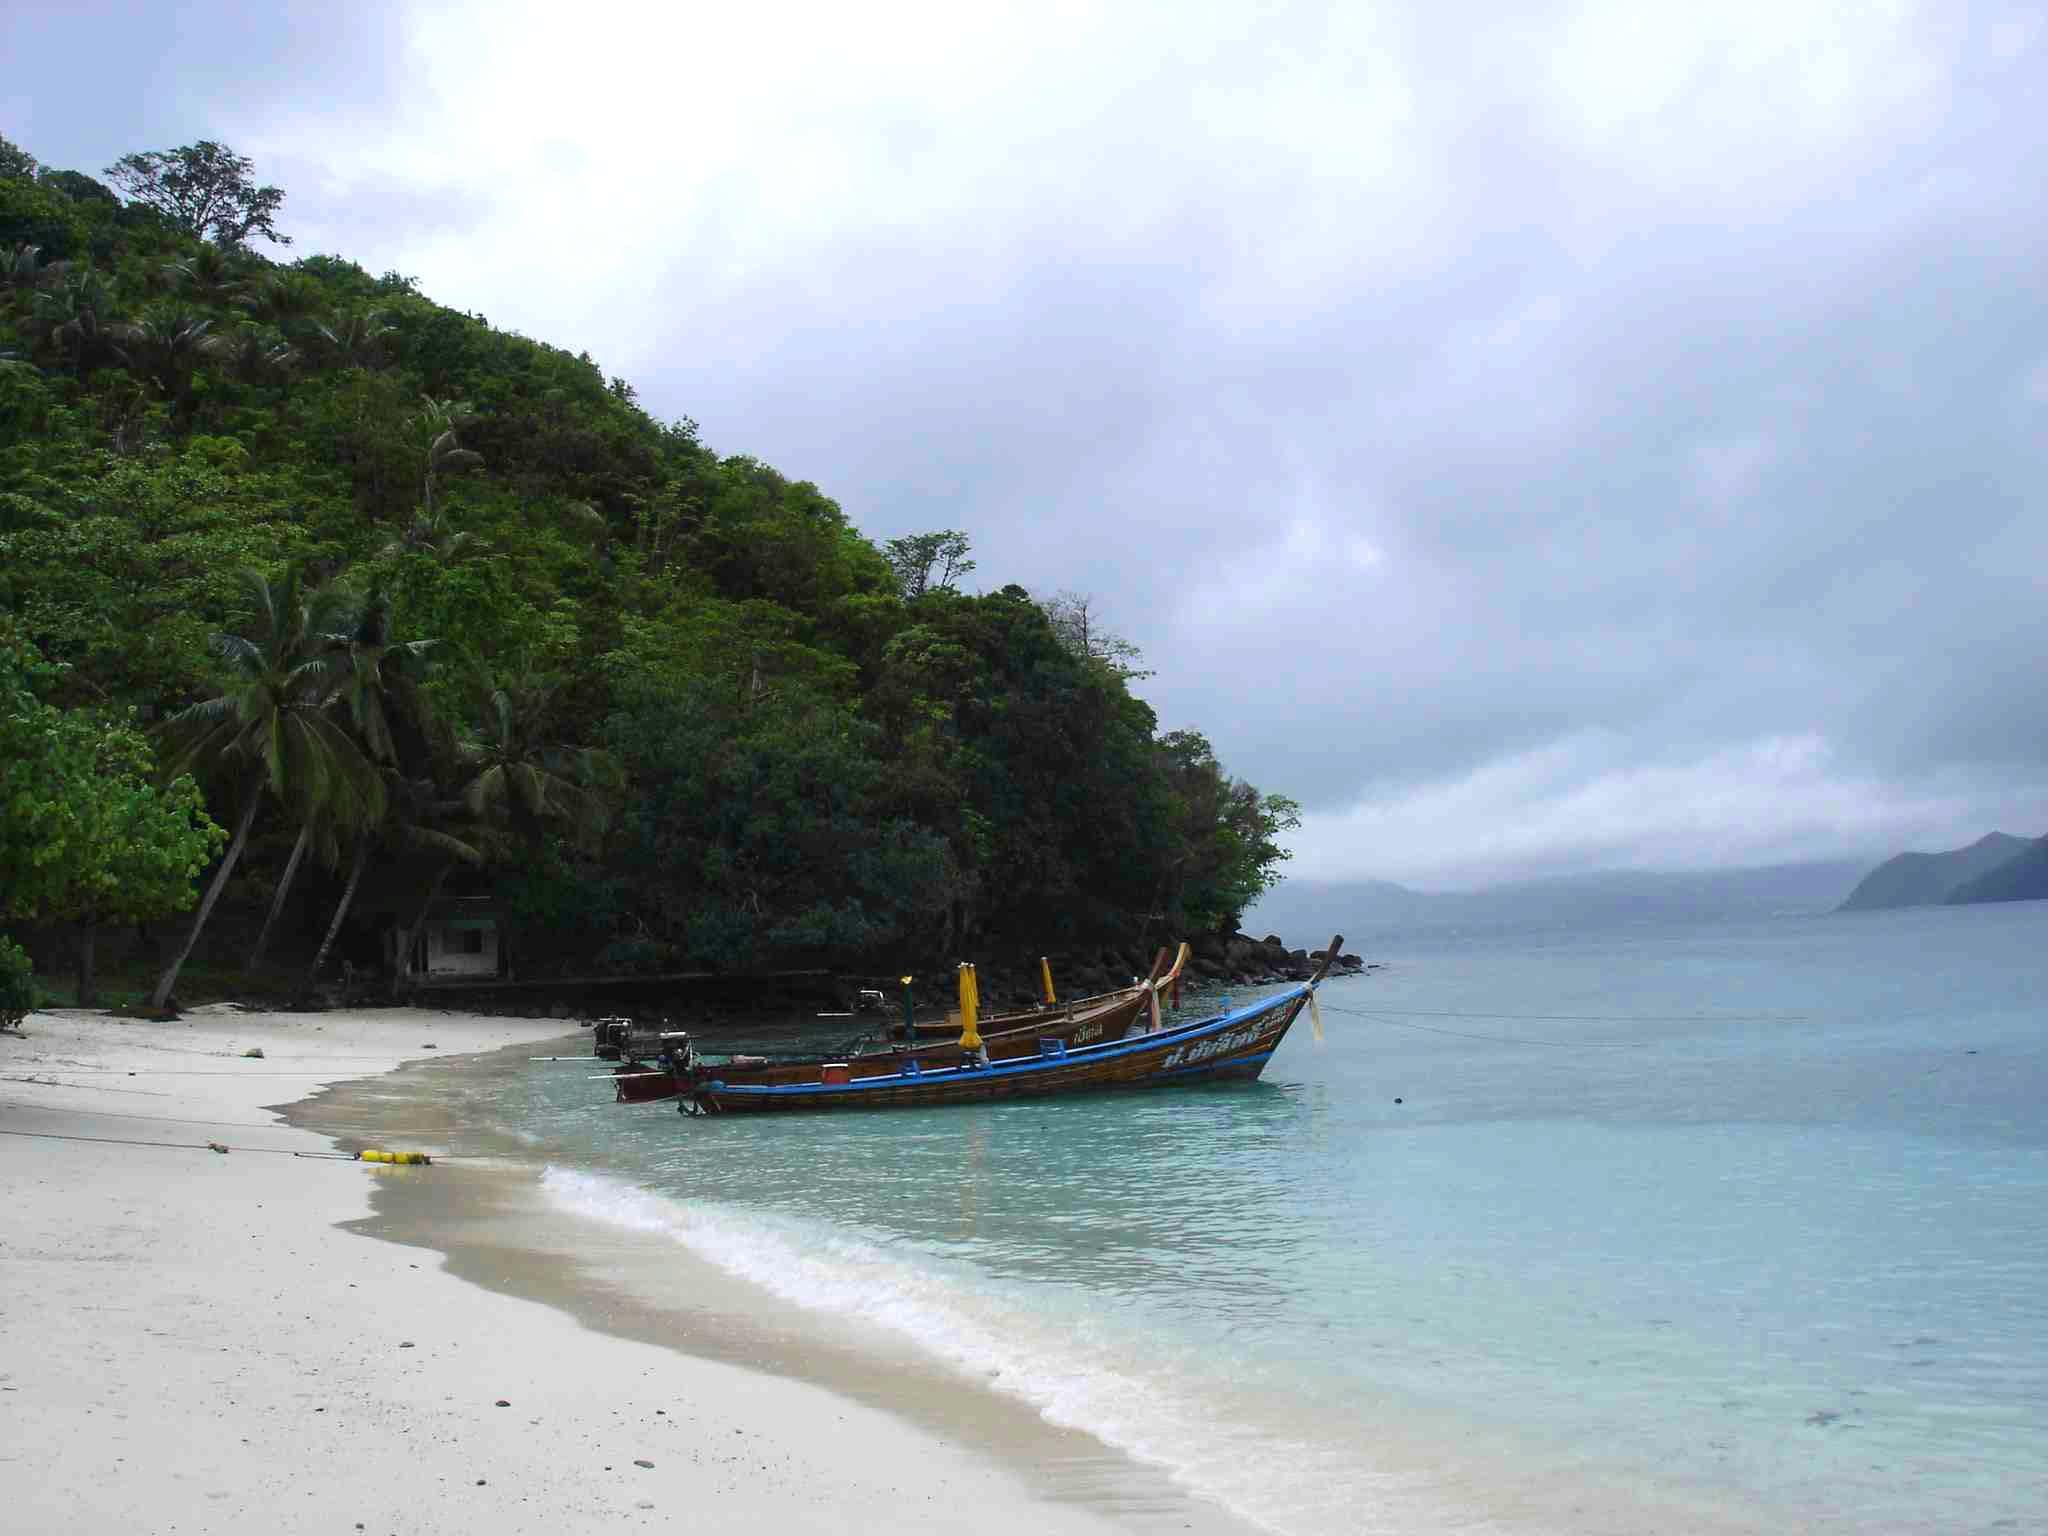 香蕉海滩 普吉 关于浮潜的记忆